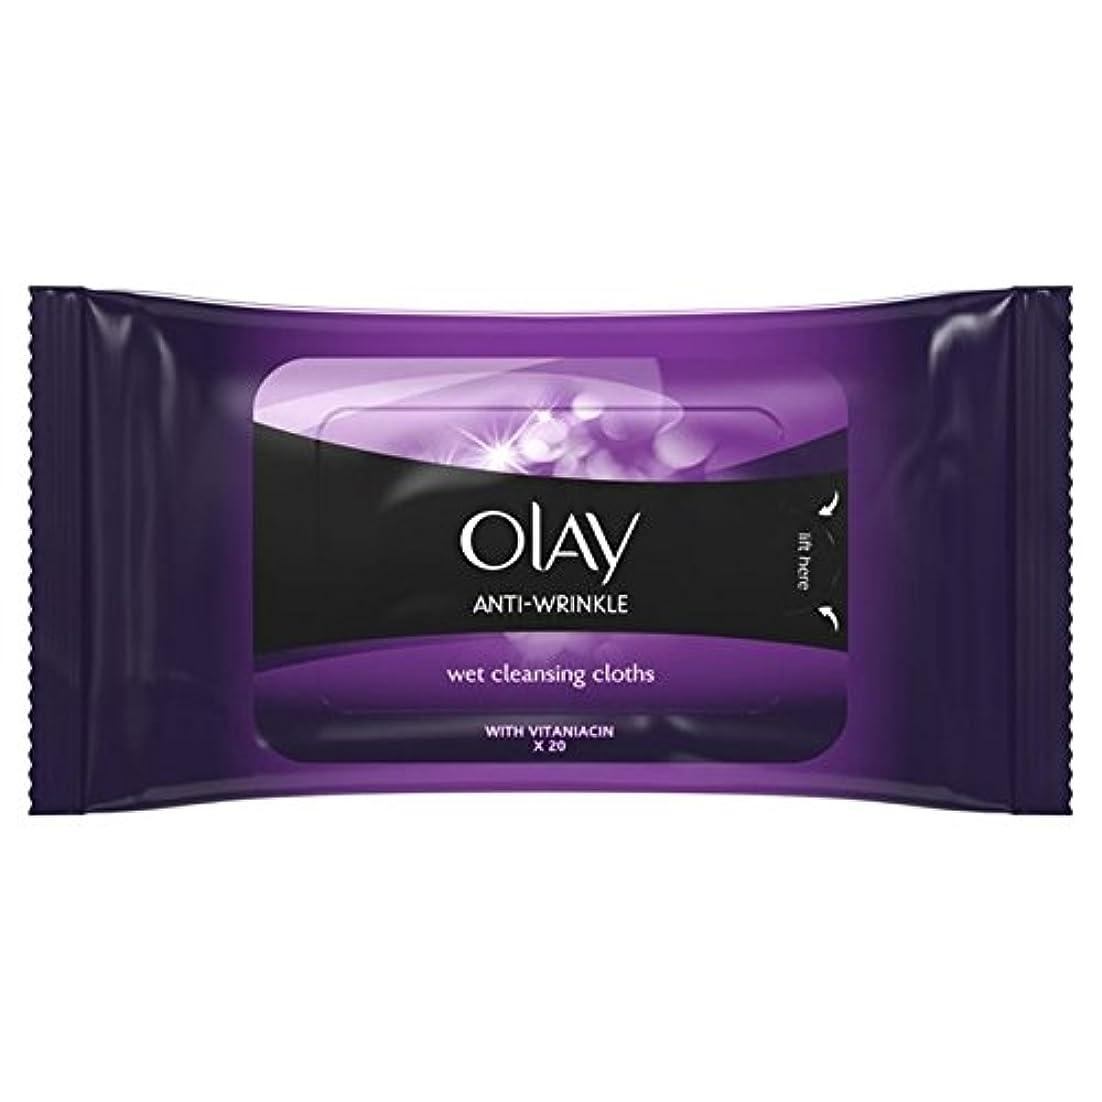 シュリンク生き返らせる宣伝Olay Anti Wrinkle Firm & Lift Wet Cleansing Wipes 20 per pack - パックごとに20ワイプ抗シワ事務所をオーレイ&湿ったクレンジングを持ち上げます [並行輸入品]